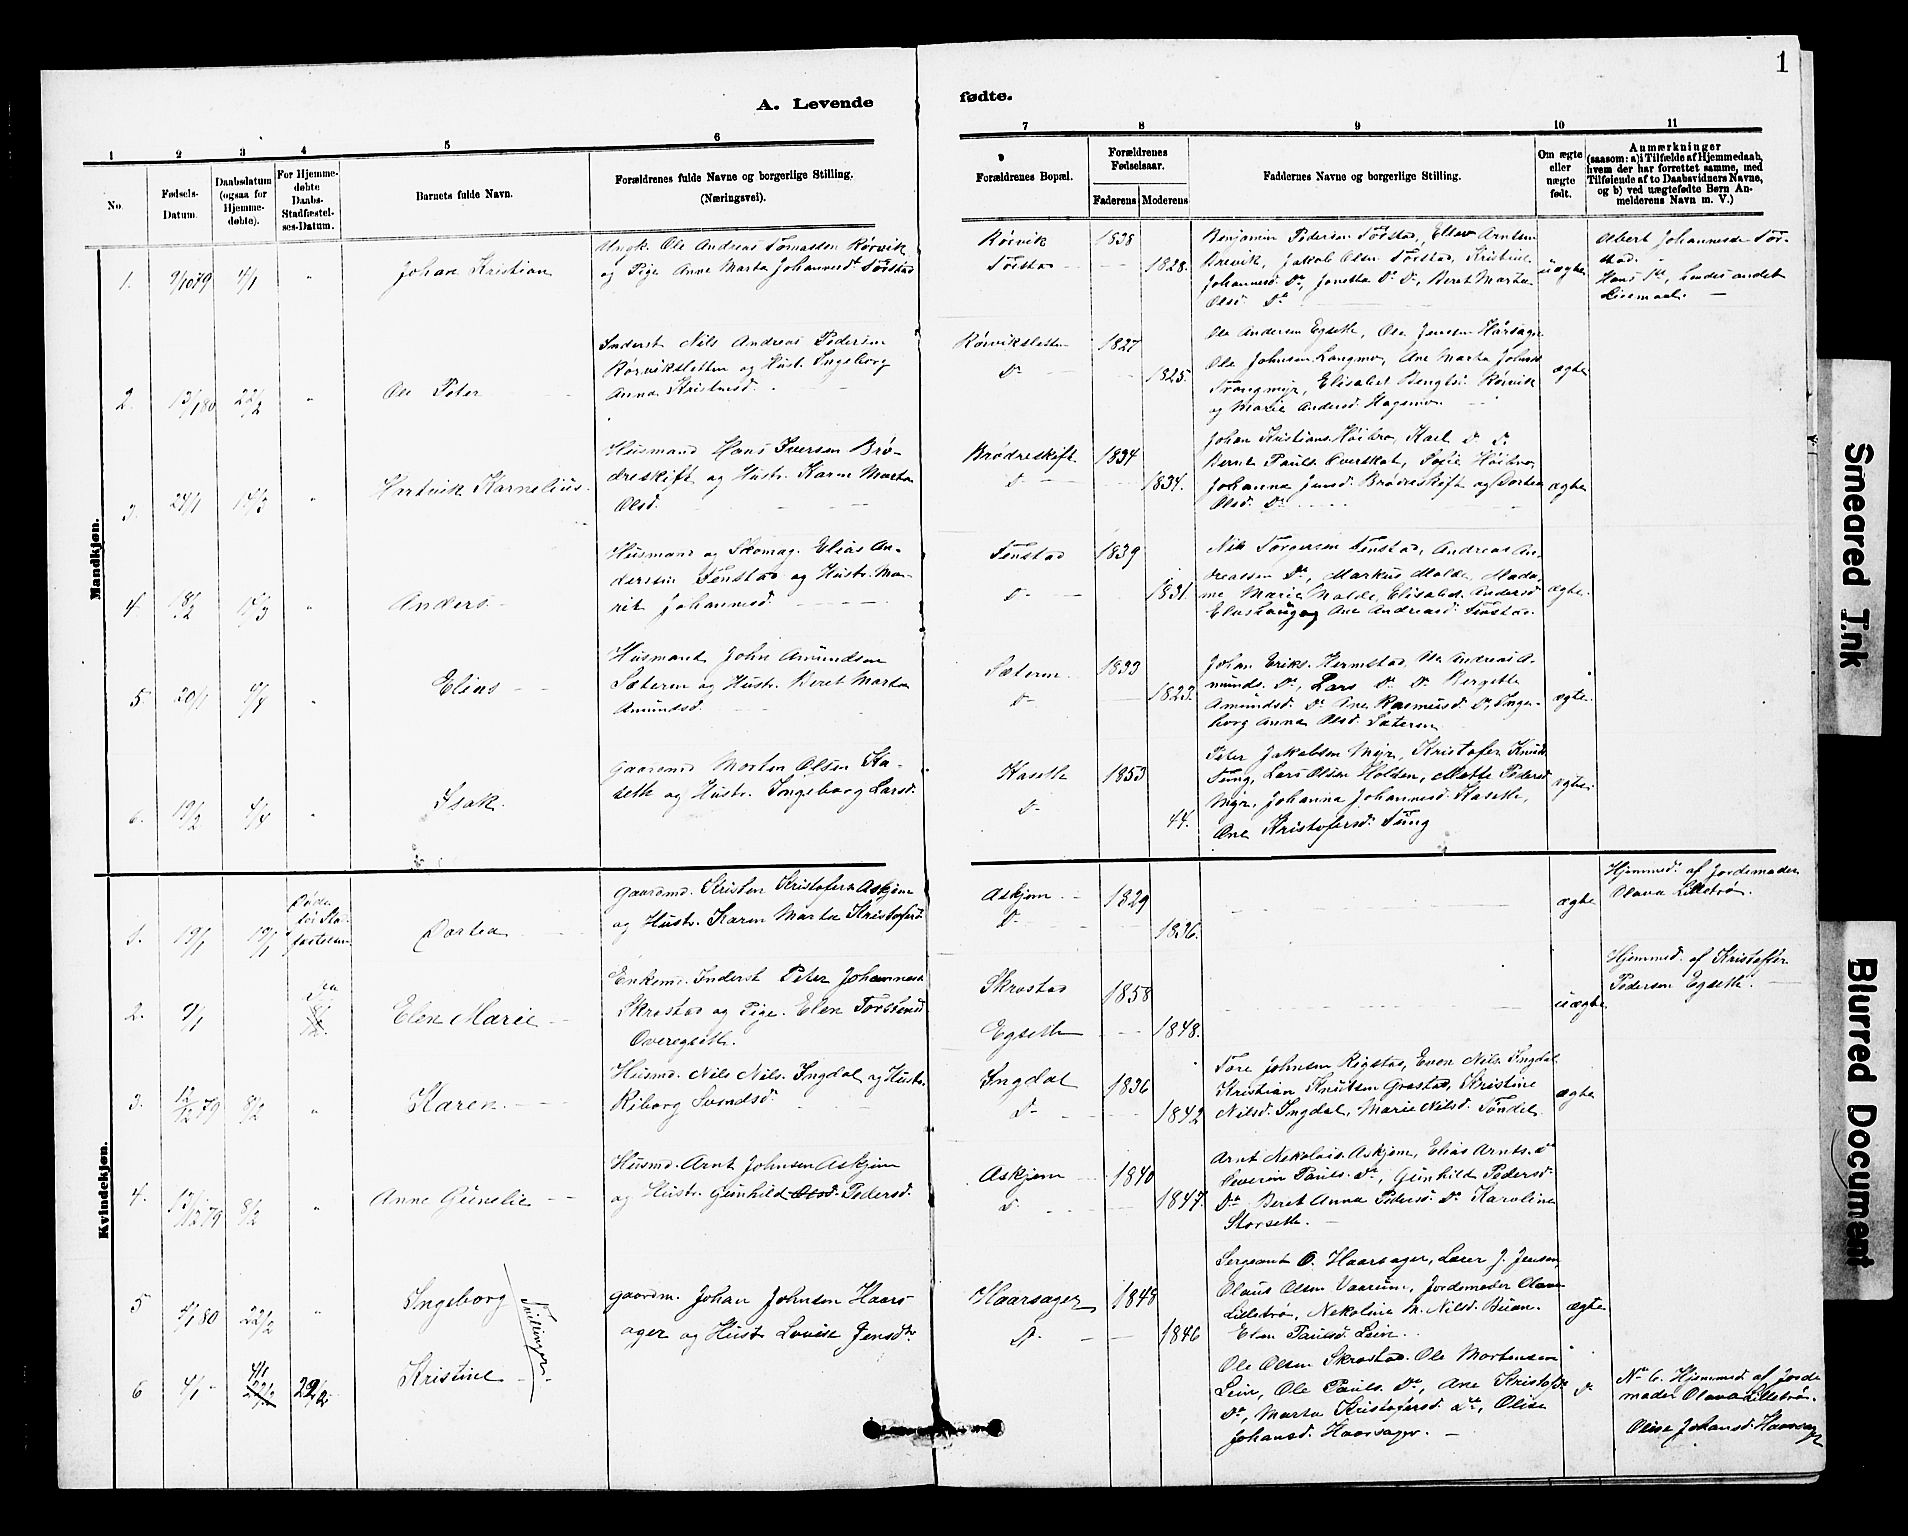 SAT, Ministerialprotokoller, klokkerbøker og fødselsregistre - Sør-Trøndelag, 646/L0628: Klokkerbok nr. 646C01, 1880-1903, s. 1